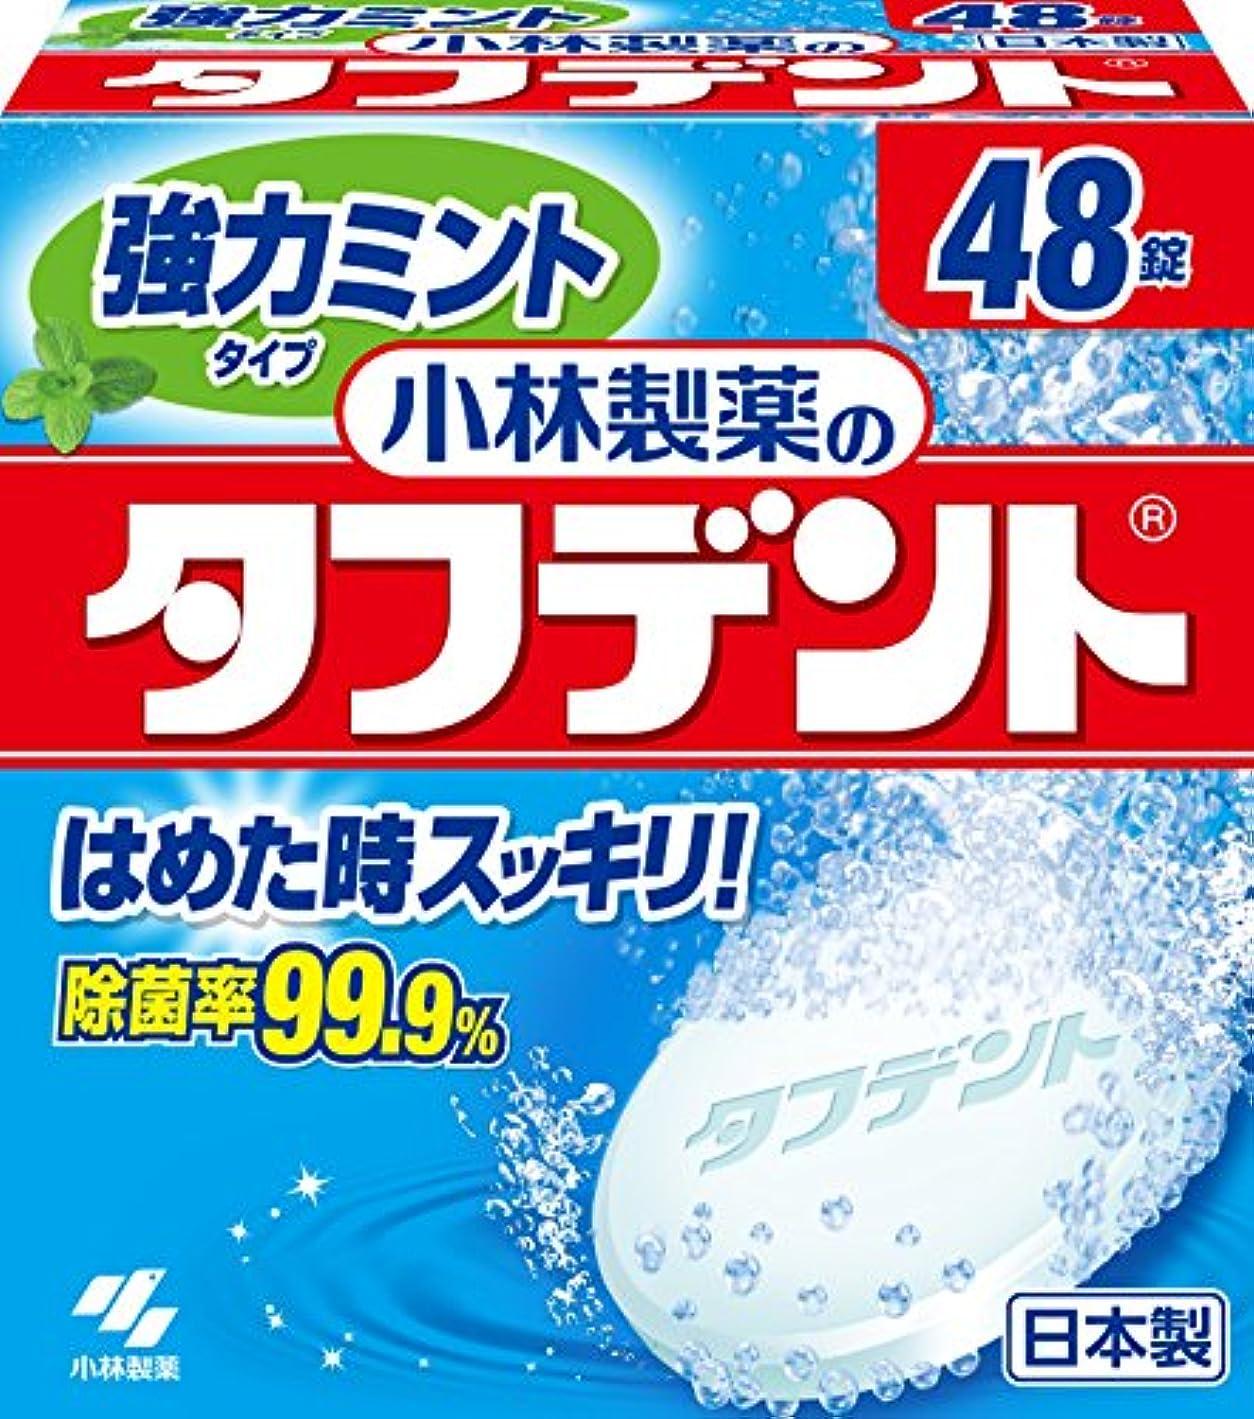 大通り側尊敬する小林製薬のタフデント強力ミントタイプ 入れ歯用洗浄剤 ミントの香り 48錠